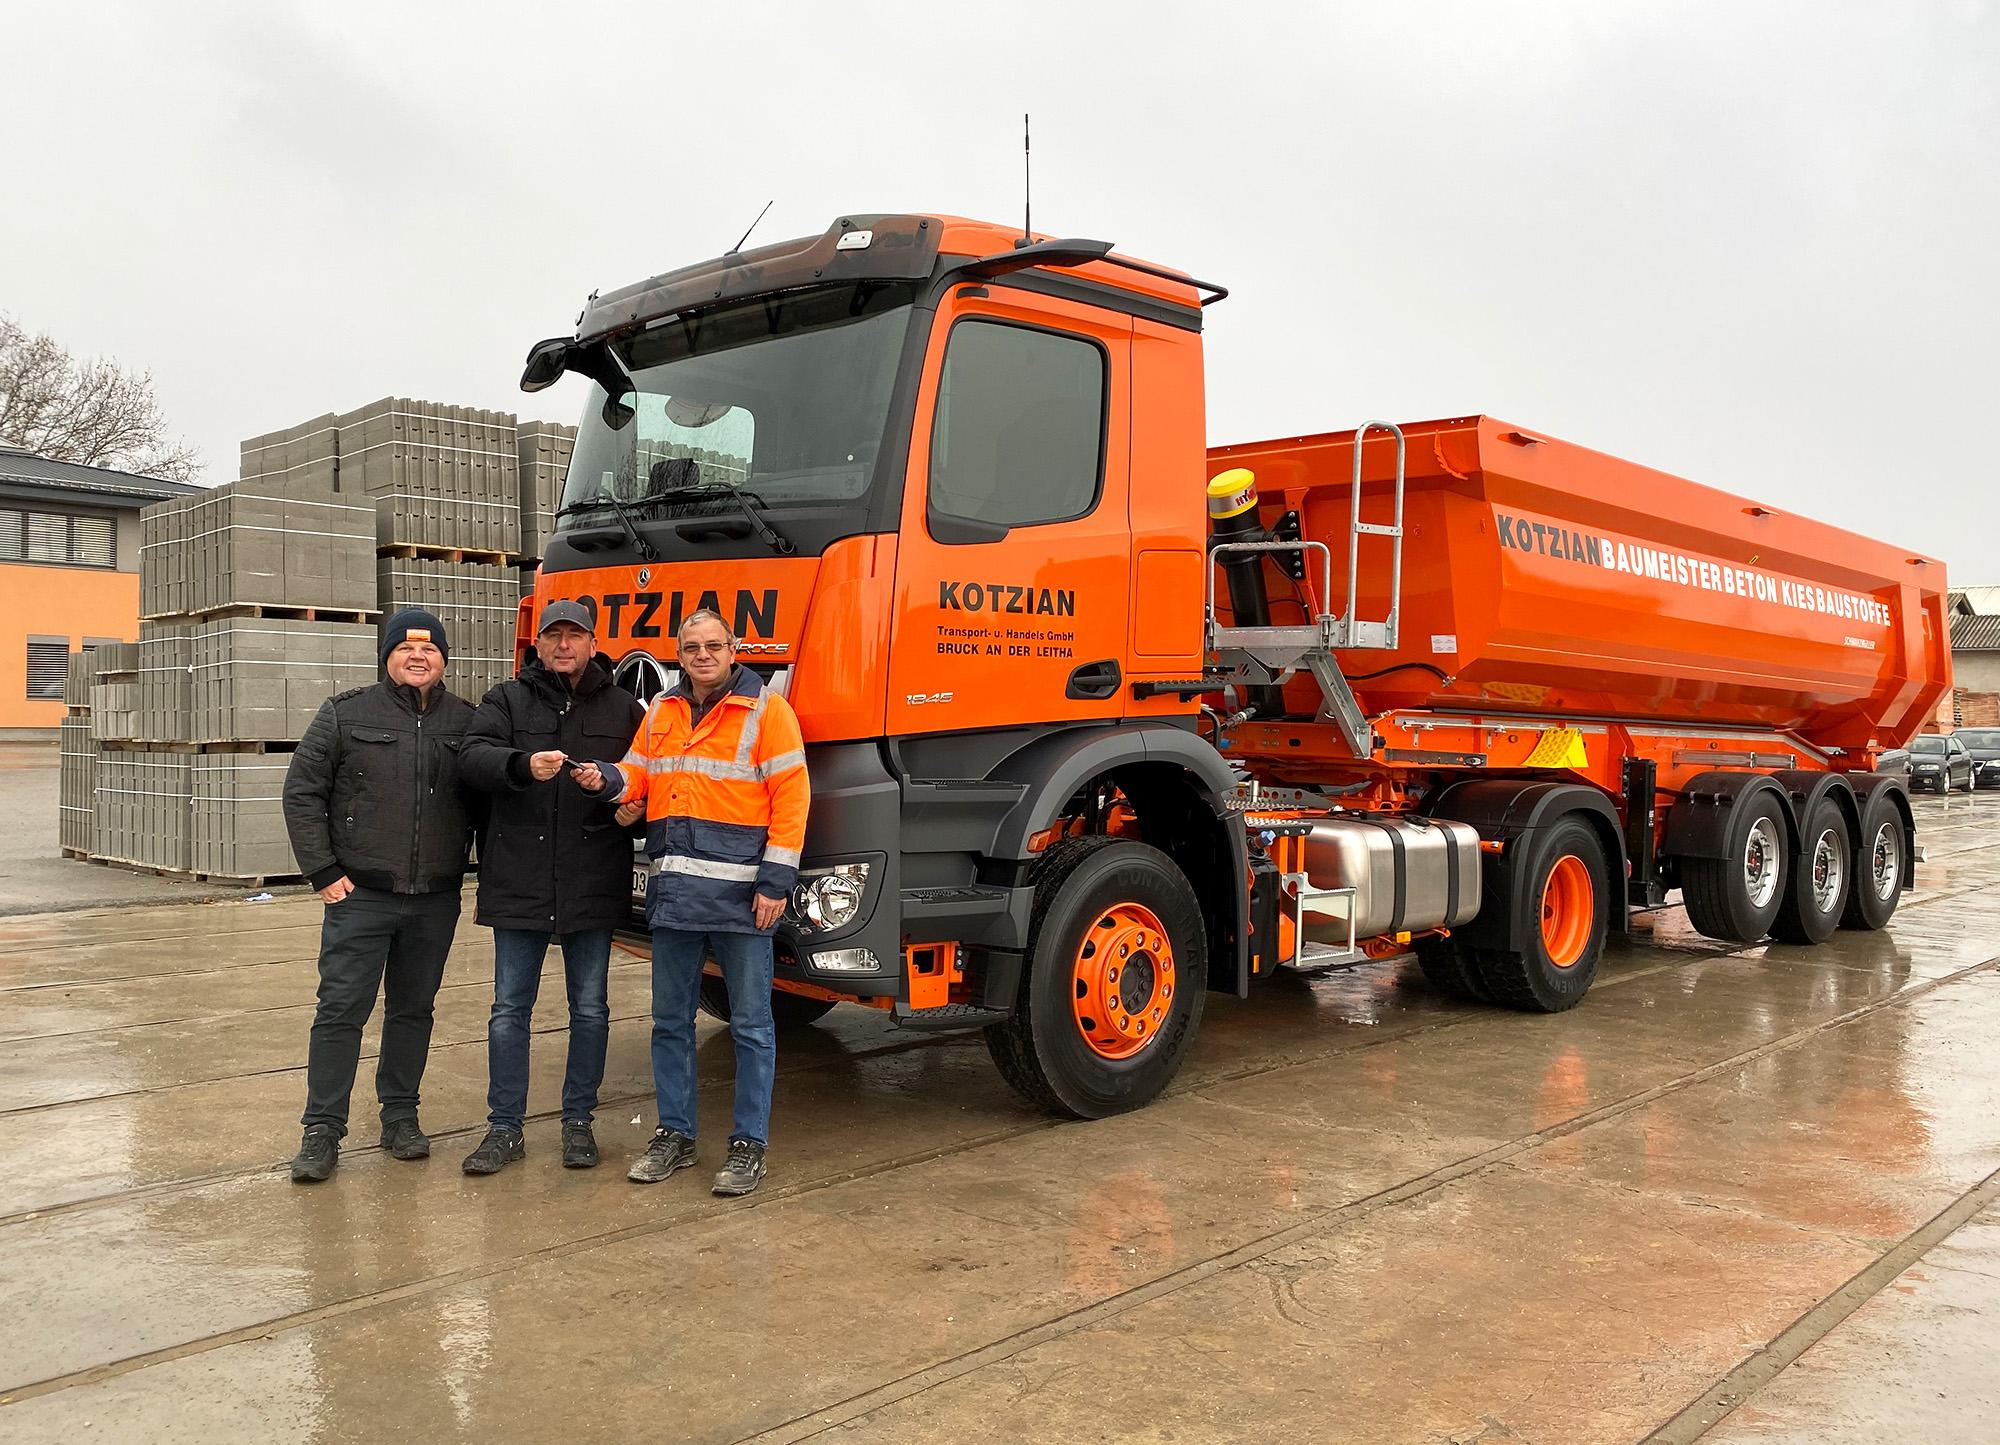 Neuer Mercedes-Sattelschlepper wird dem LKW-Fahrer übergeben